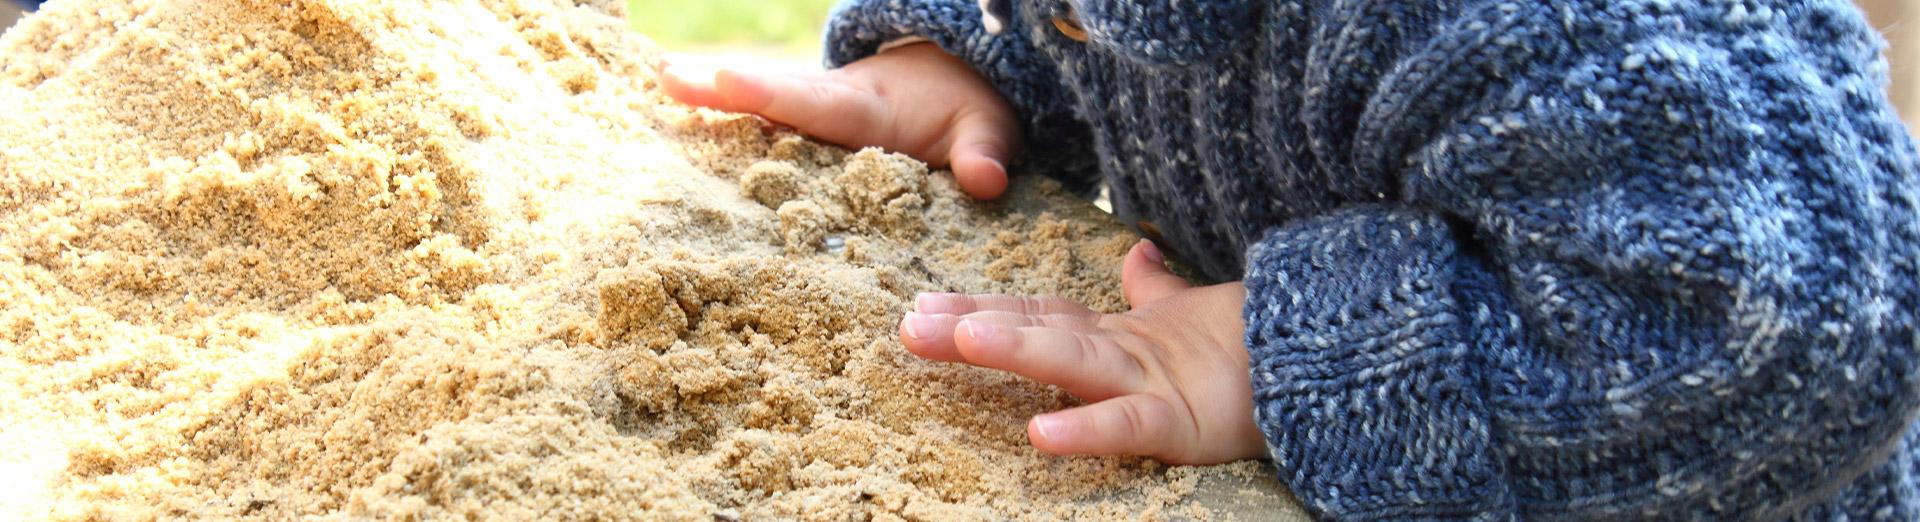 Kleine Kinderhände spielen im Sand